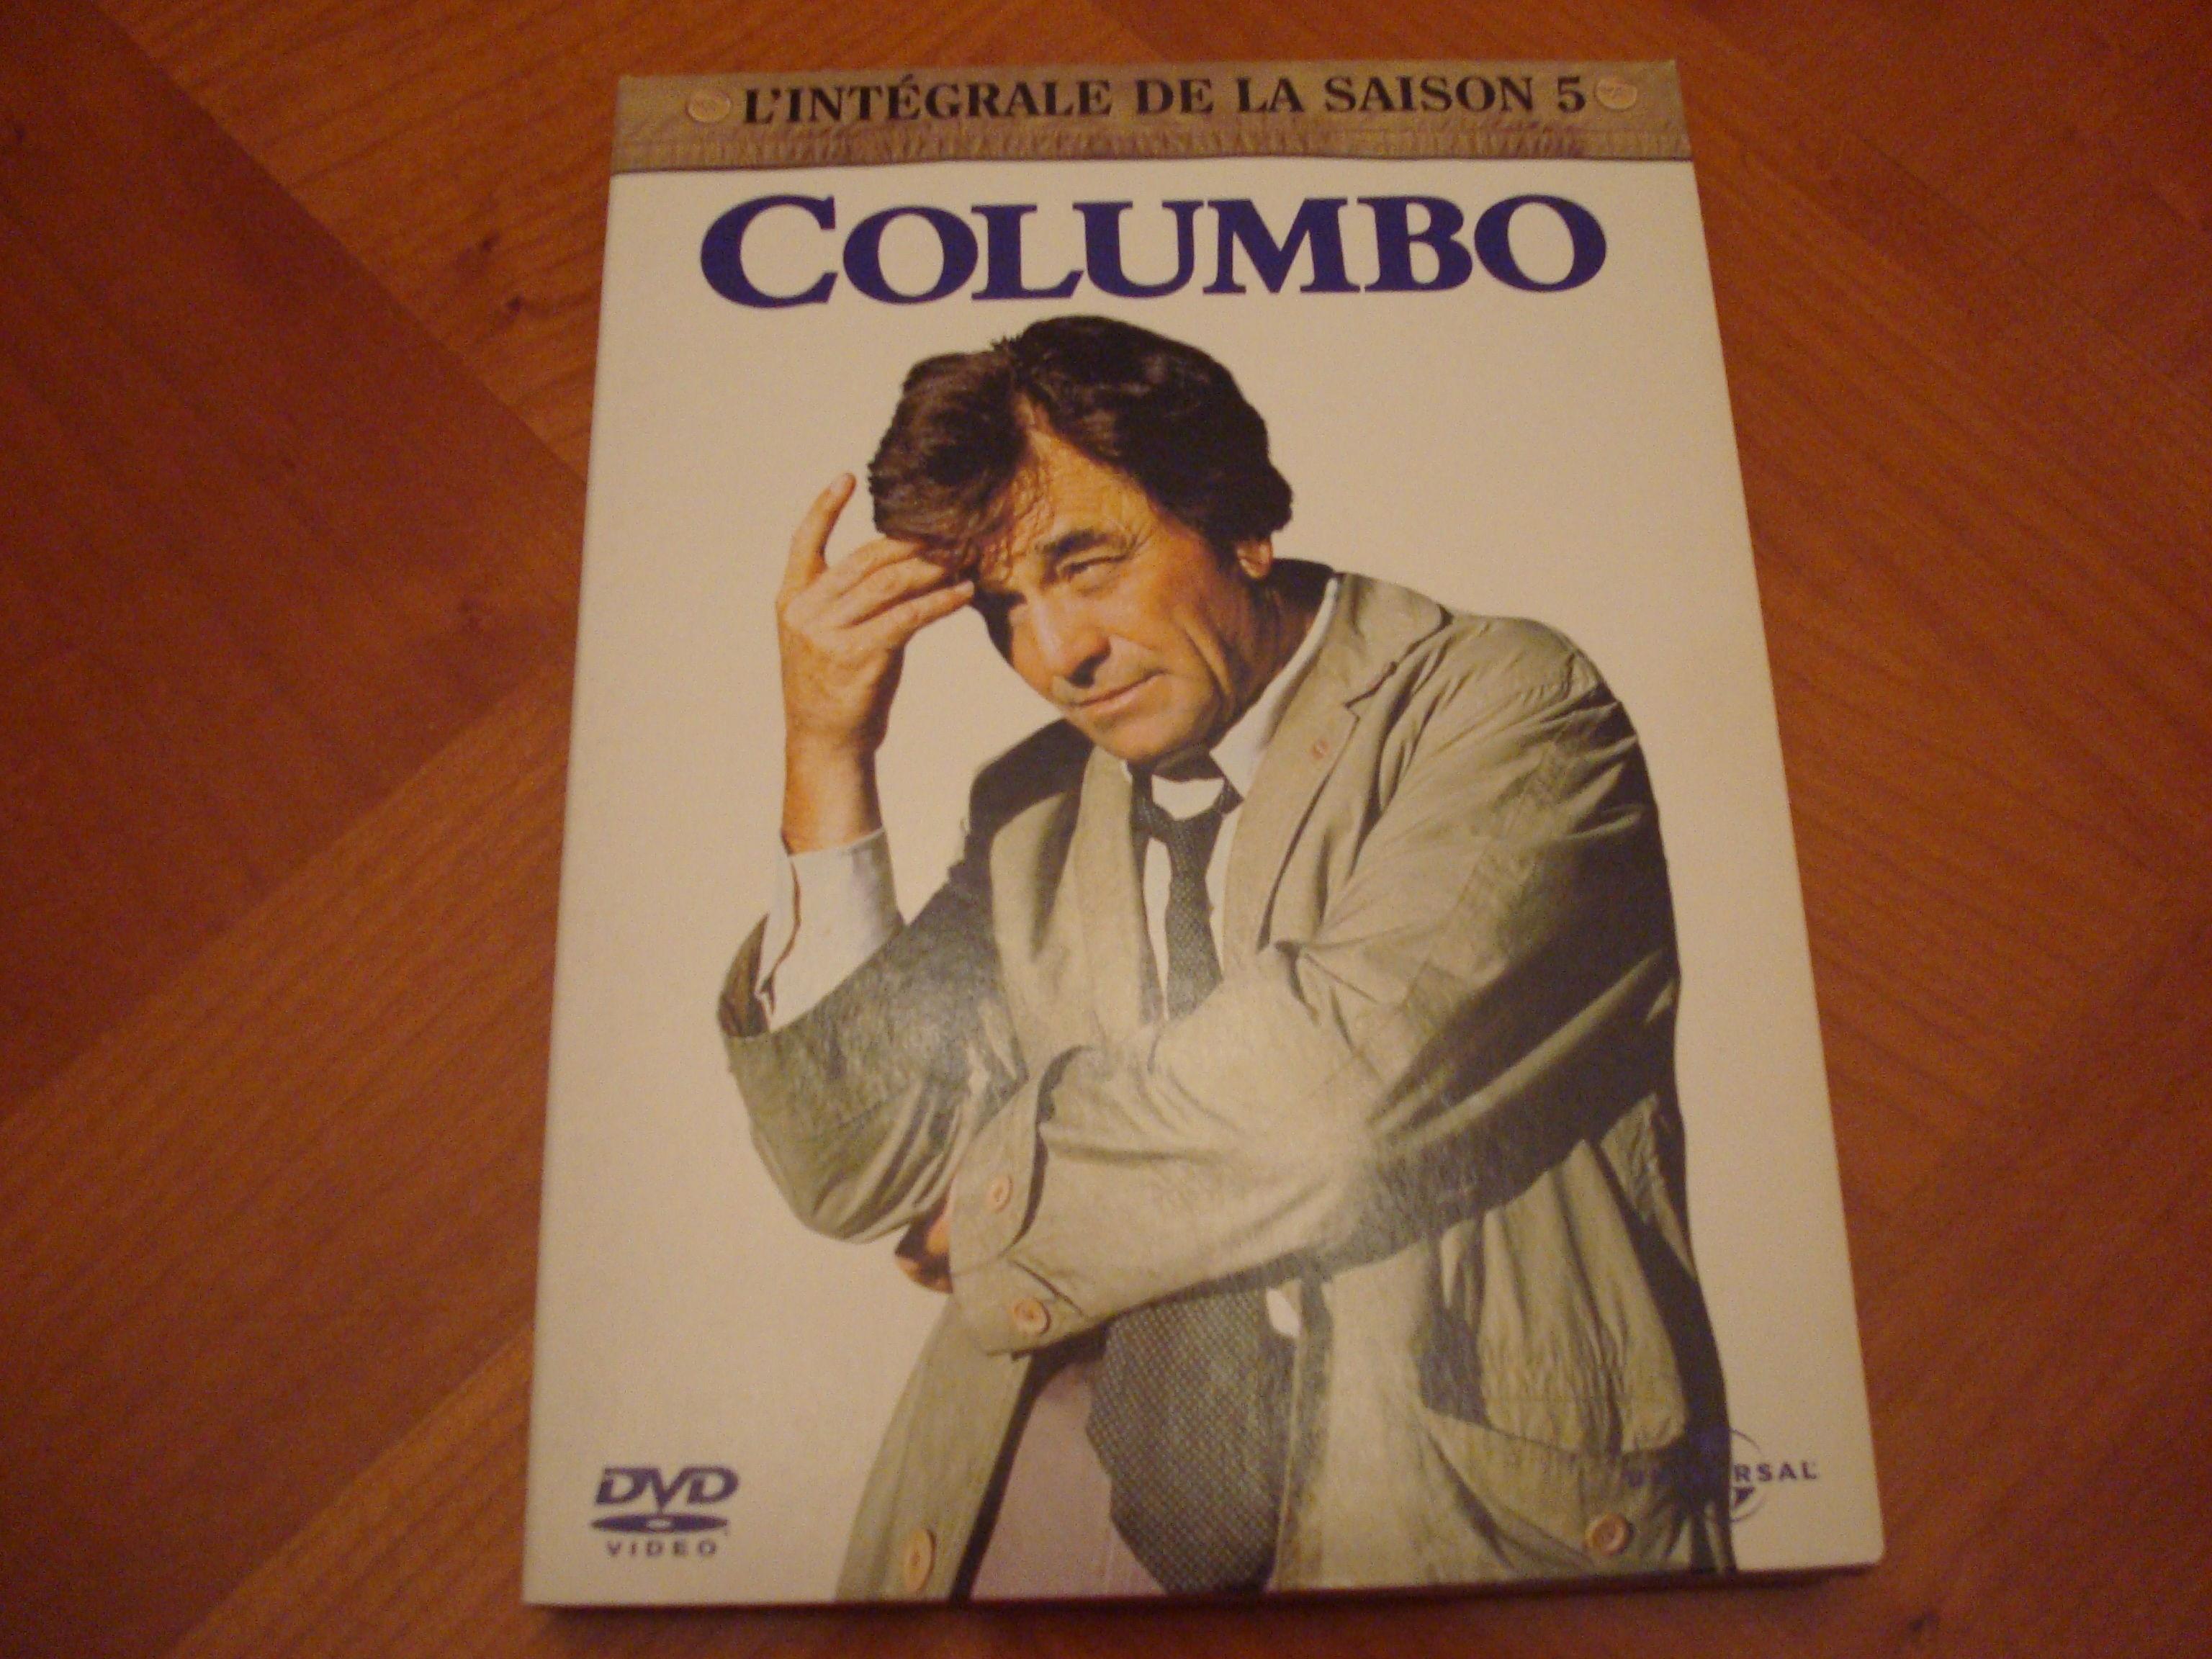 Columbo saison 5 12 Ars-sur-Moselle (57)